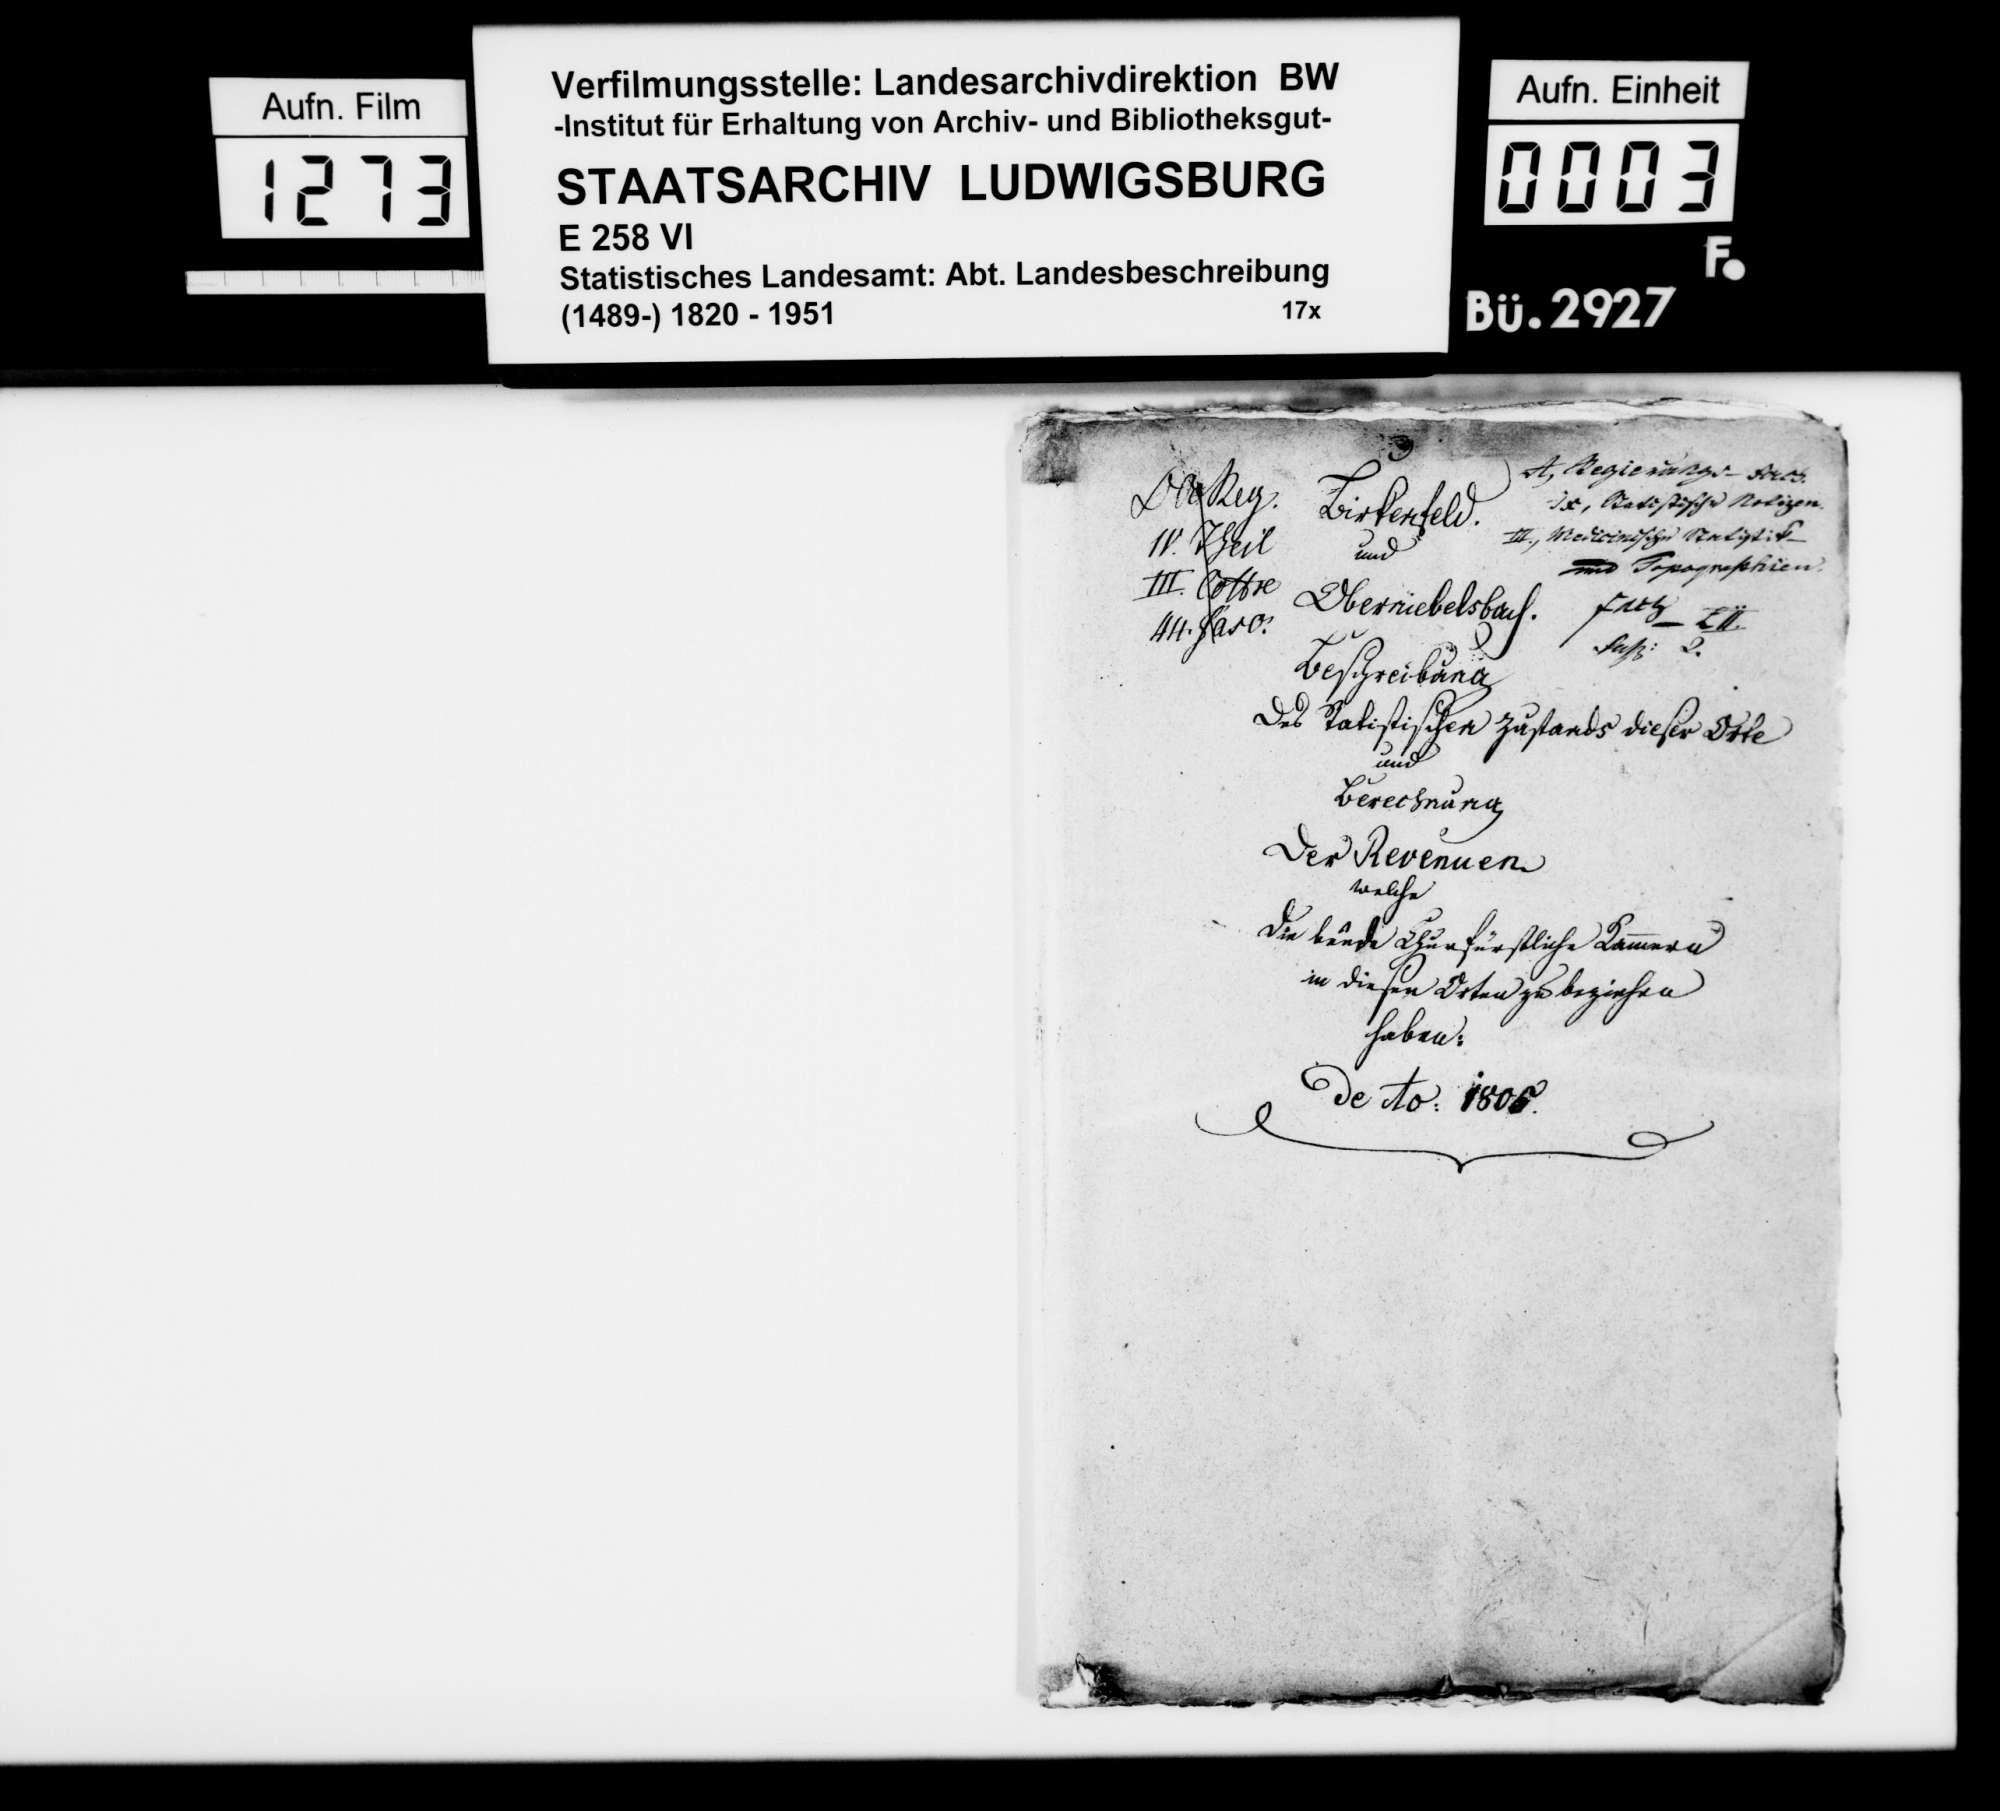 Amtliche Erhebung zu den Orten Birkenfeld und Oberniebelsbach in staatswirtschaftlicher, ökonomischer und statistischer Hinsicht, zur Prüfung eines Gebietsabgleichs mit Baden, 1805/06, Bild 2